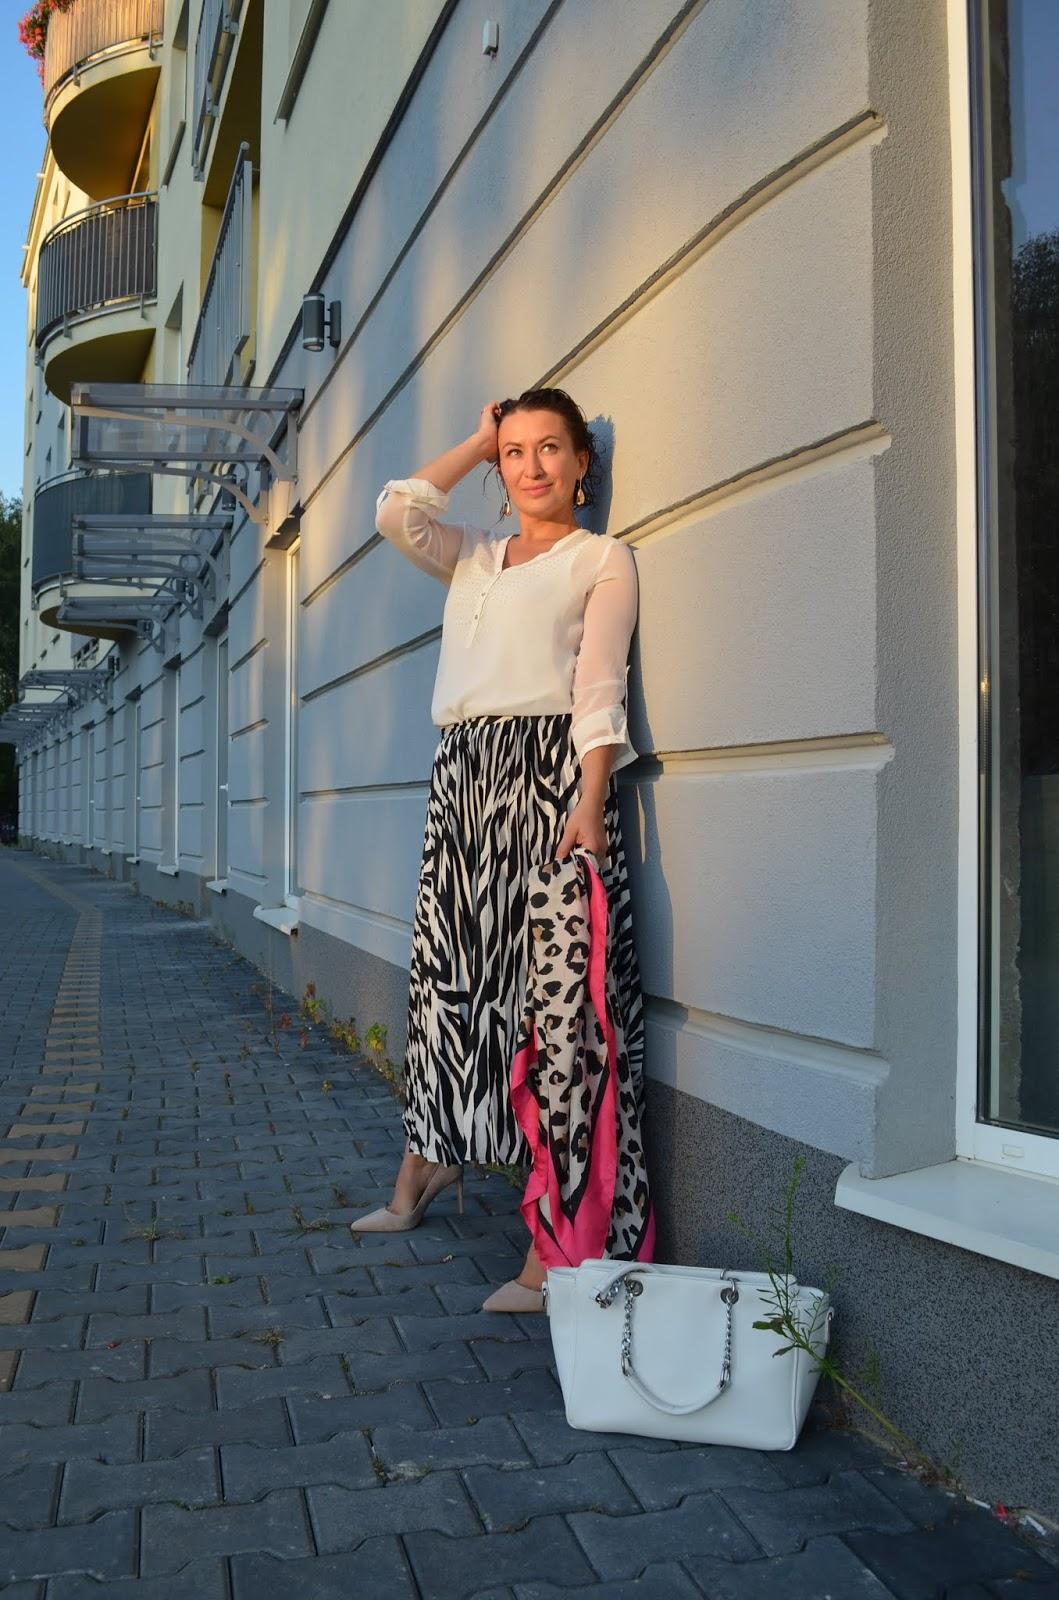 Adriana Style Blog, Blog modowy Puławy, Zara Blazer, Zara Blouse, Reserved Skirt, Reserved Heels, Szpilki Reserved, Żakiet Zara, Bluzka Zara, Zebra Print Reserved Skirt, Spódnica w Zebrę Reserved, Stylizacja